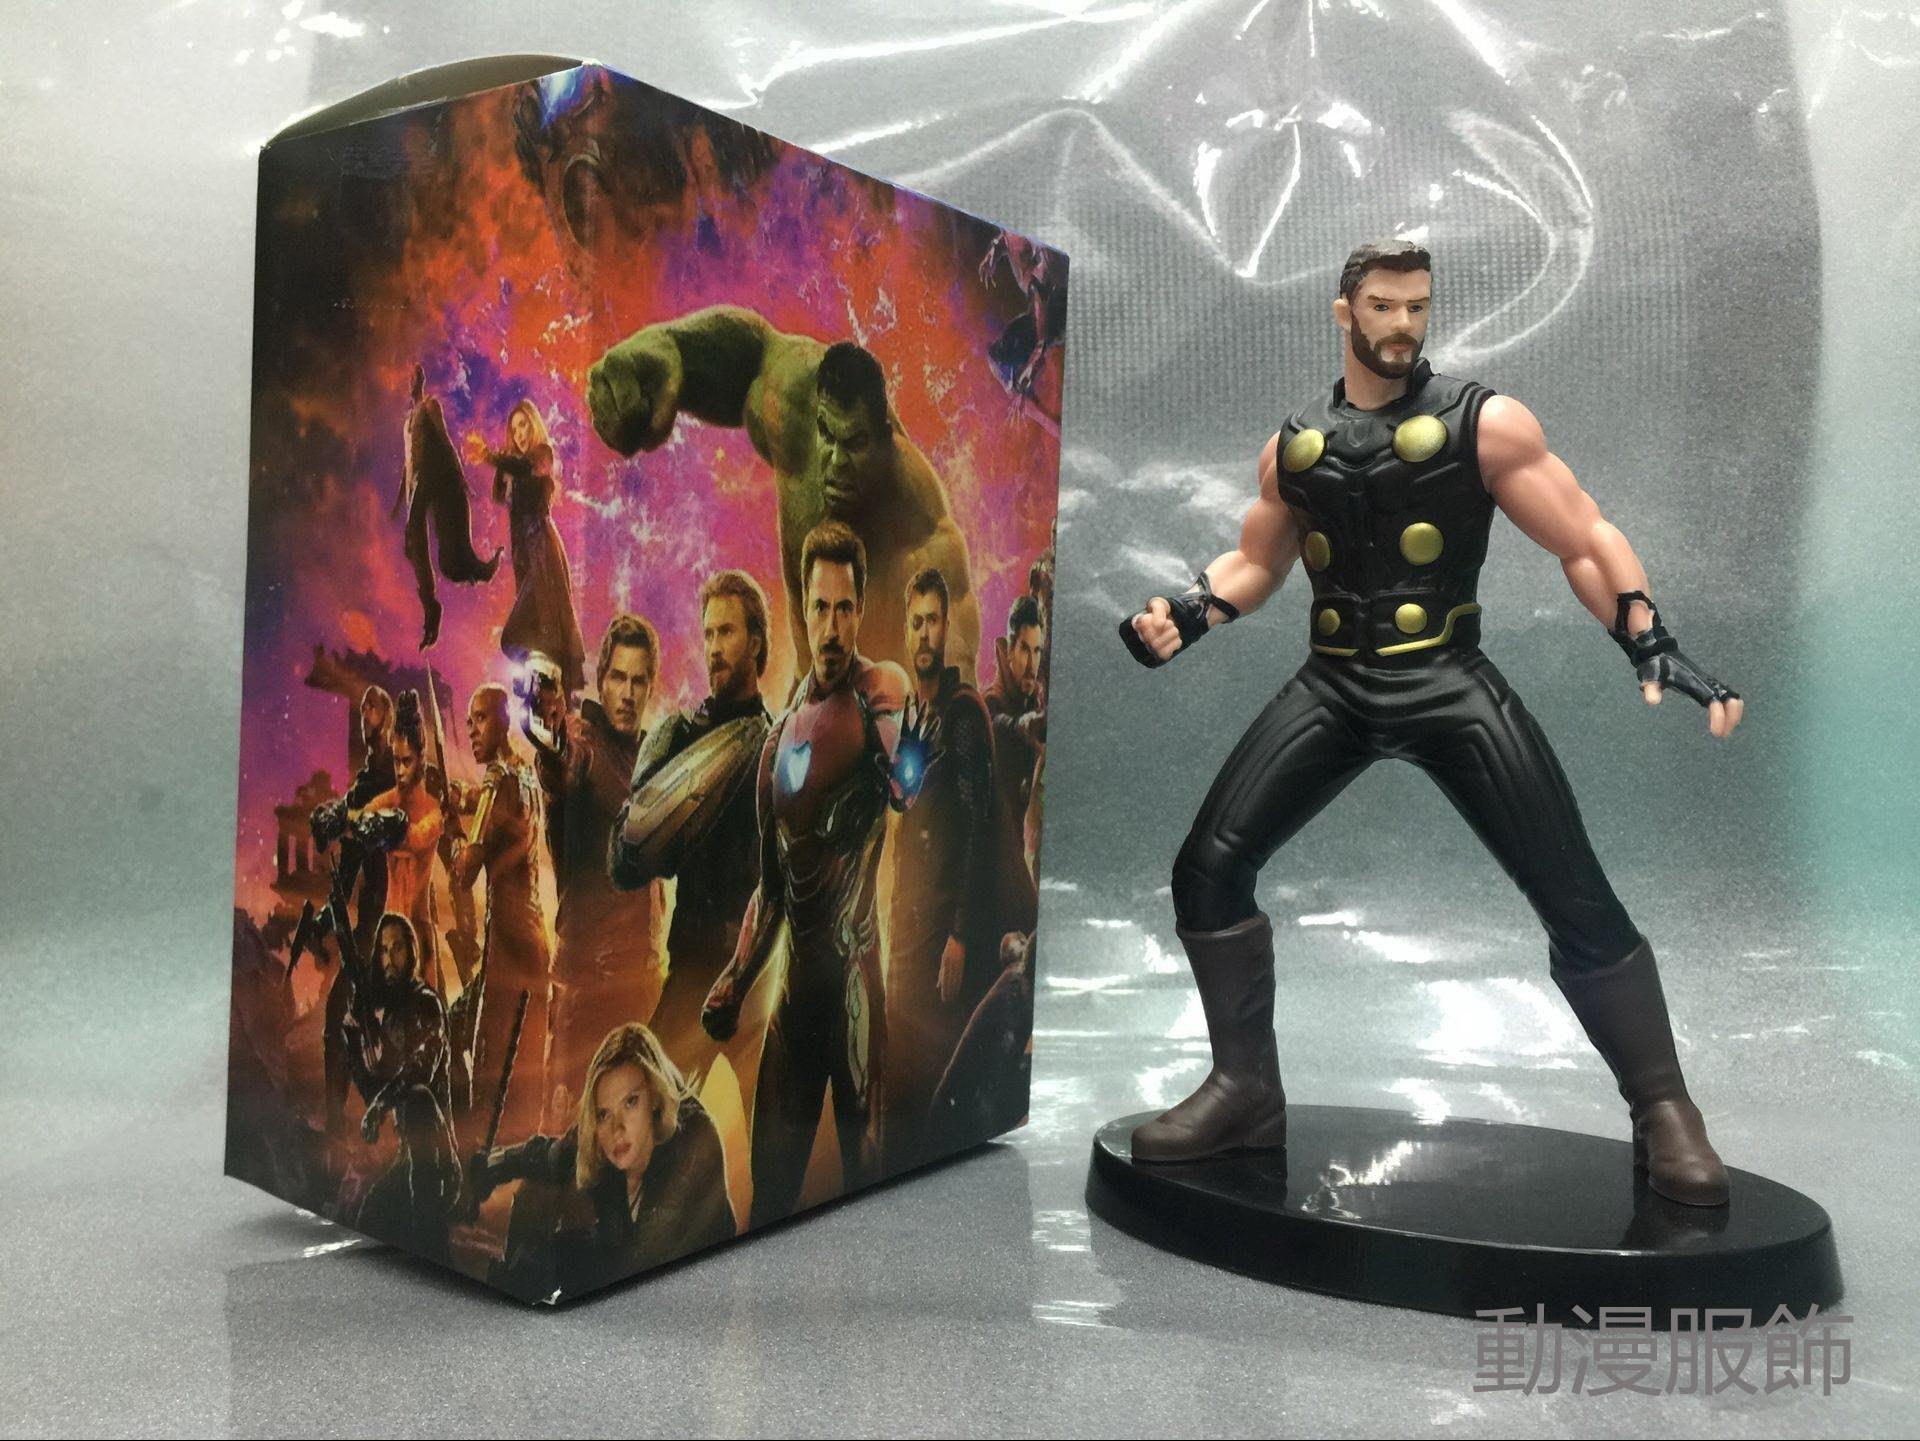 (百變動漫)復仇者聯盟3 無限戰爭 綠巨人 鋼鐵俠 雷神 奇異博士 盒裝手辦